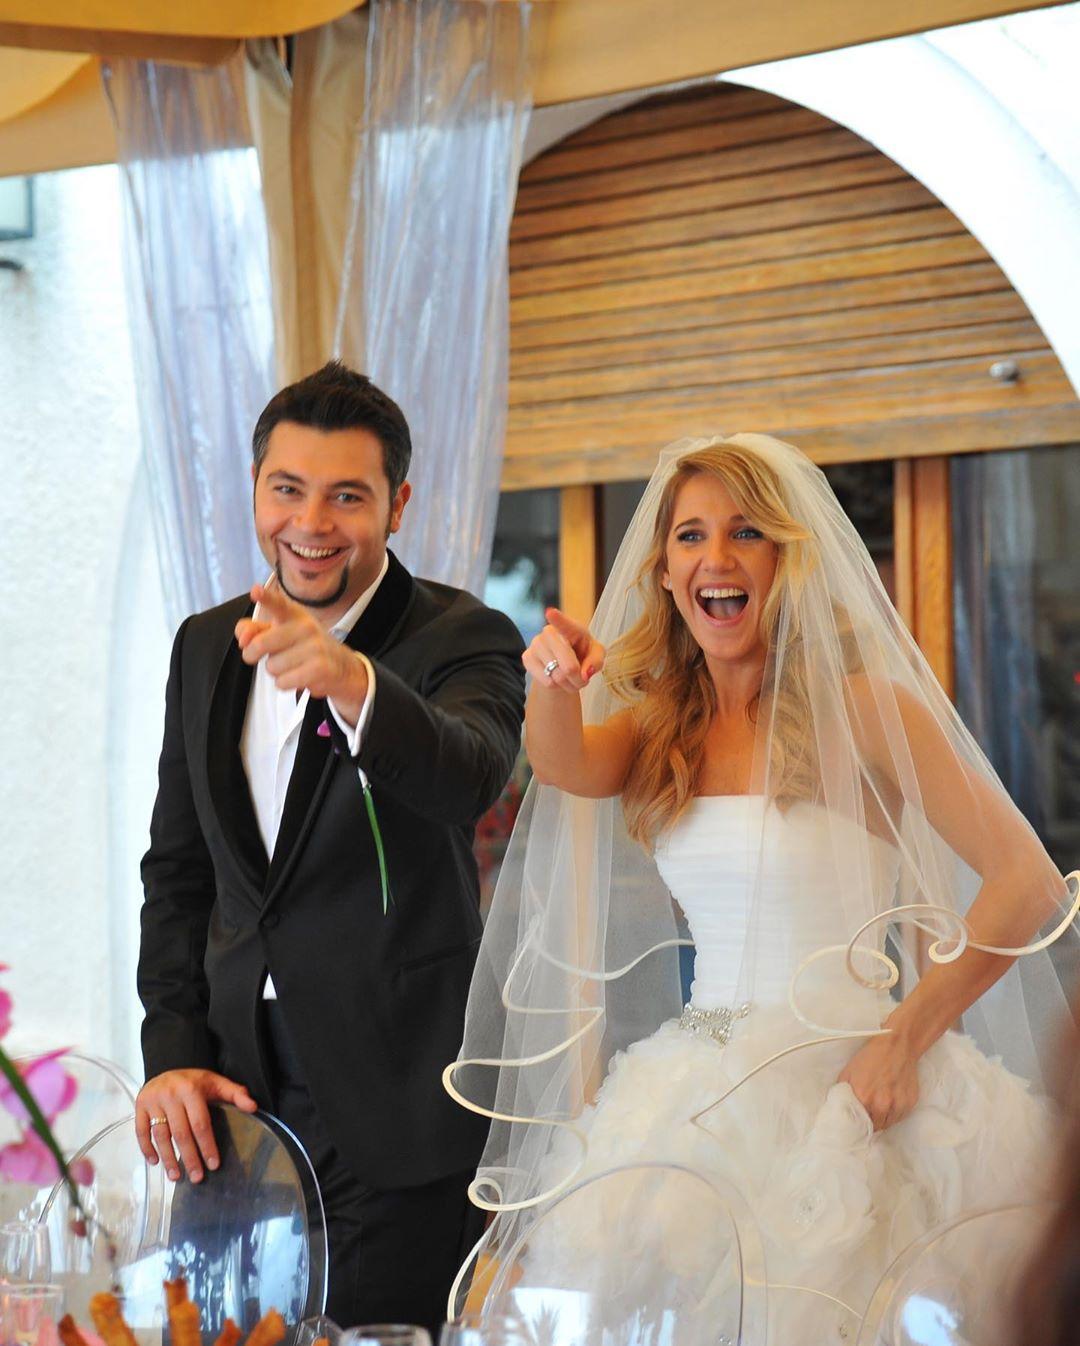 Свадебное фото Юлии Ковальчук и Алексея Чумакова